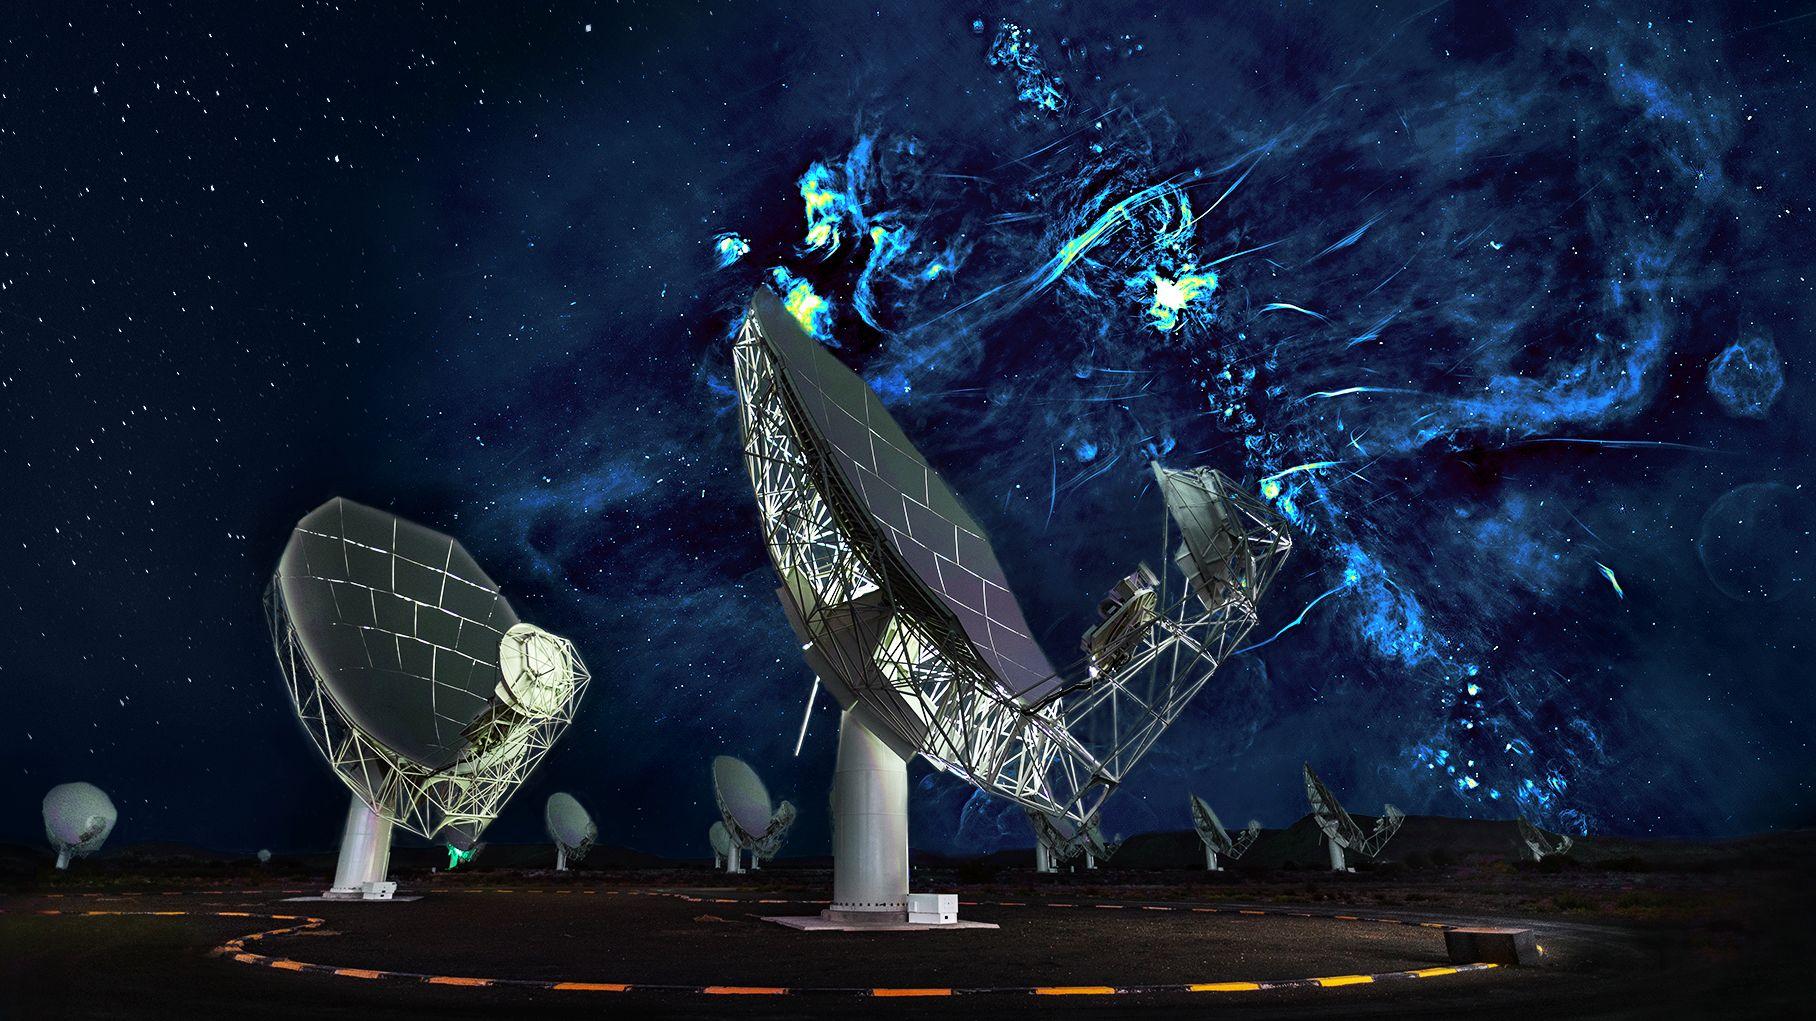 Eine zusammengesetzte Aufnahme des MeerKAT-Radioteleskops: Das Schwarze Loch in der Mitte der Milchstraße ist in der hellsten Region verborgen.